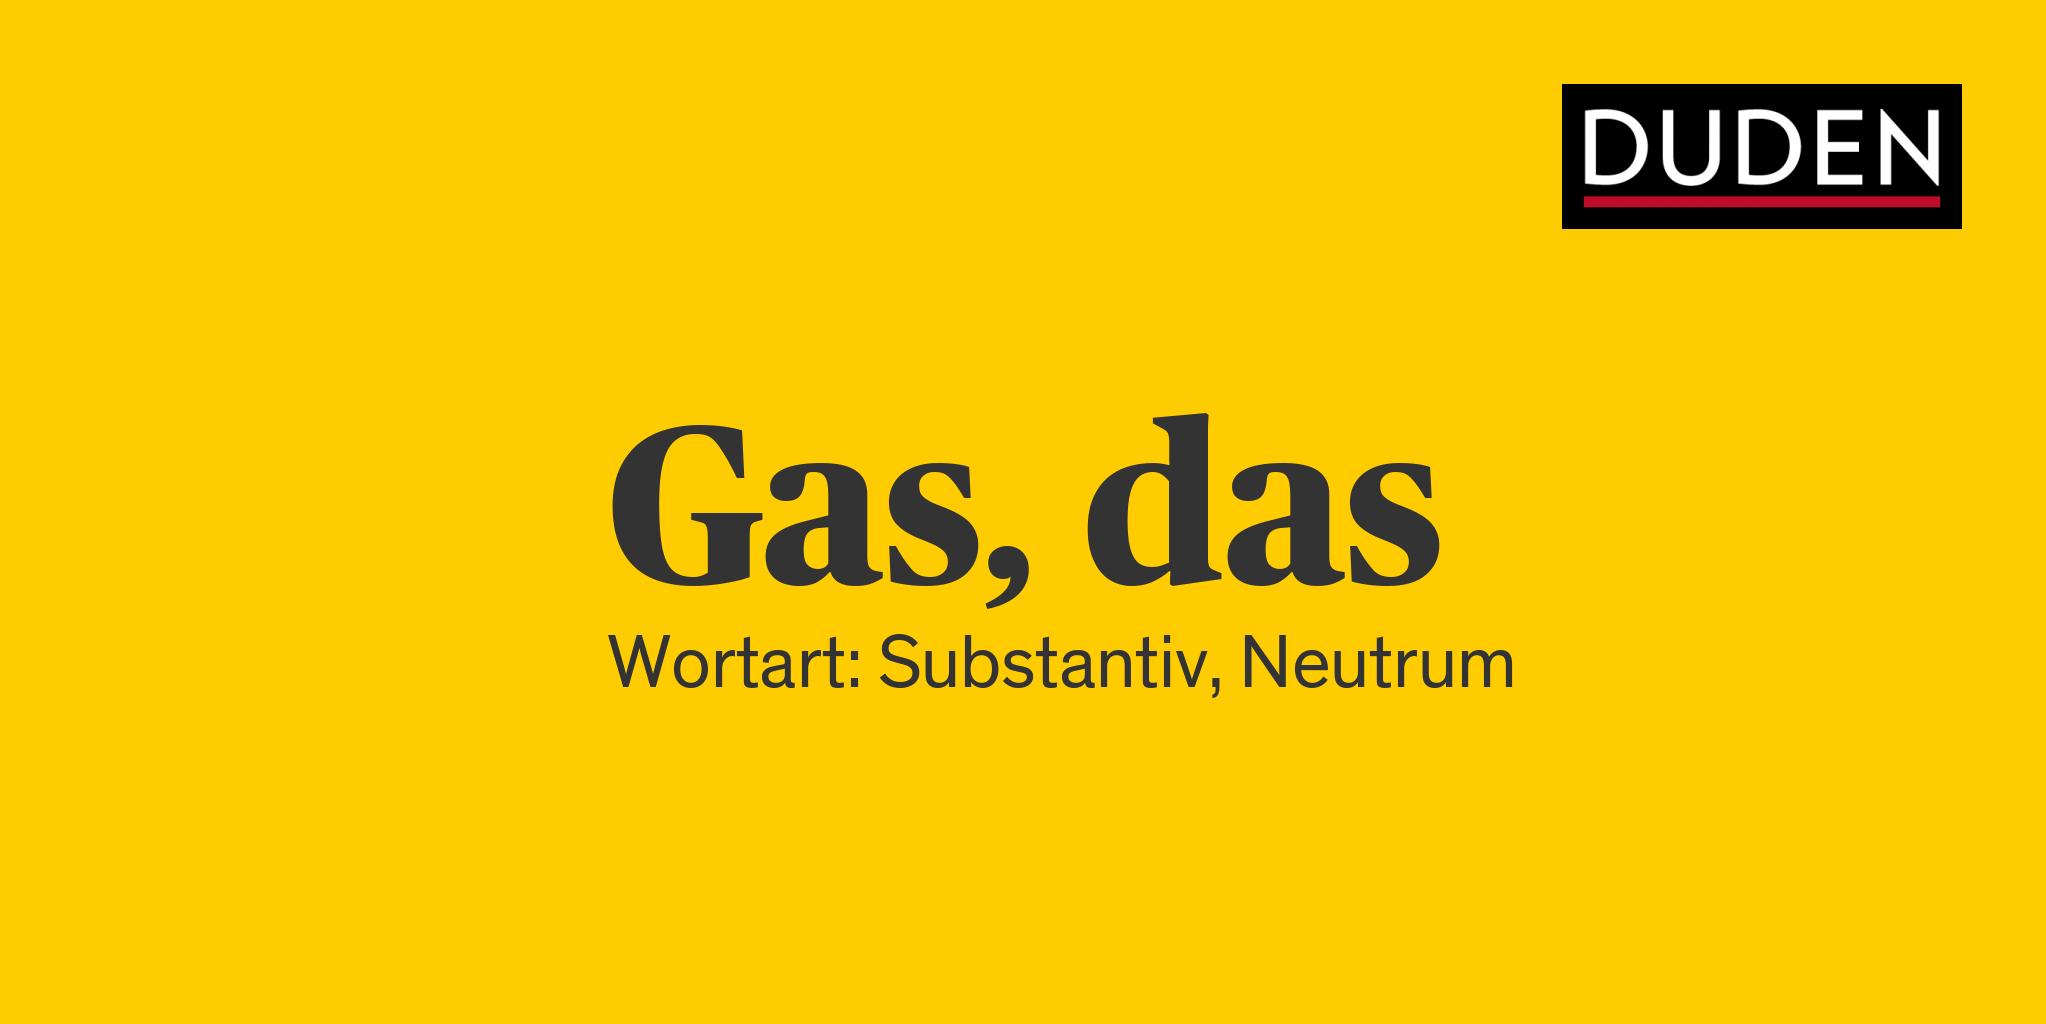 Gas Duden